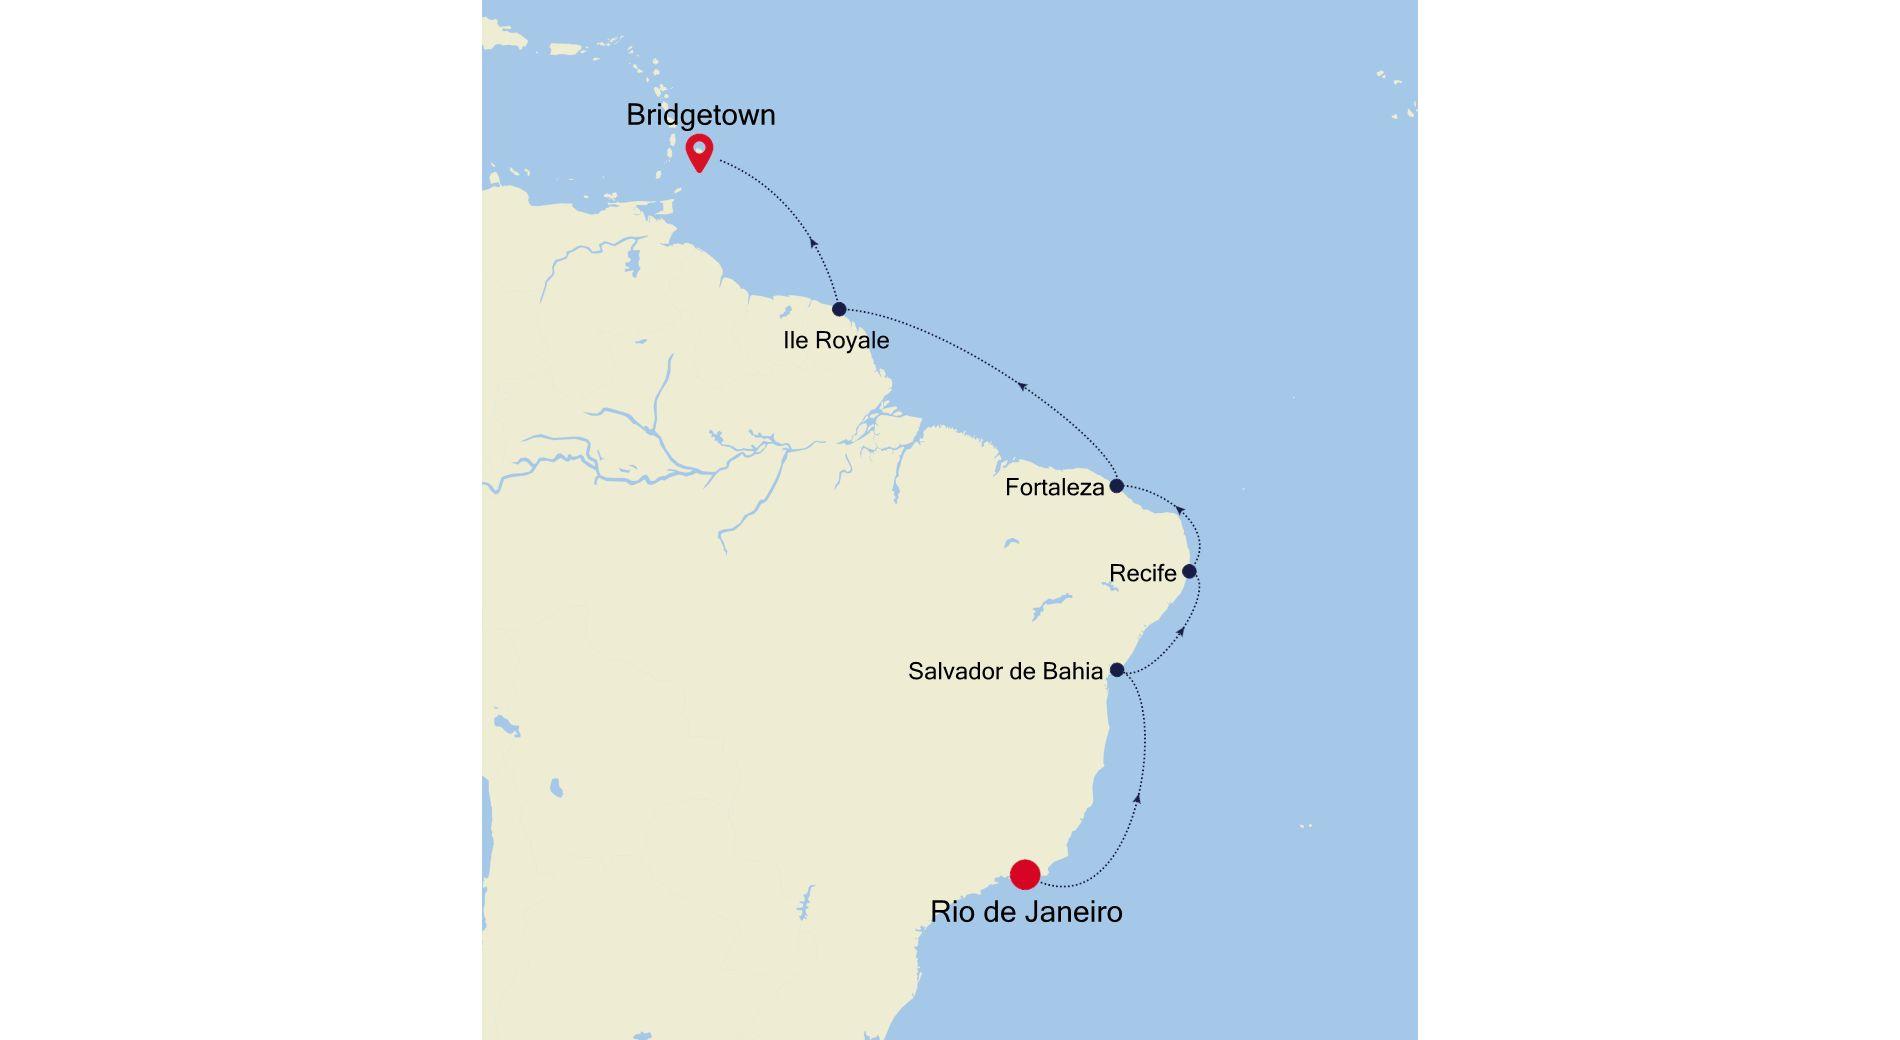 MO210224012 - Rio de Janeiro nach Bridgetown